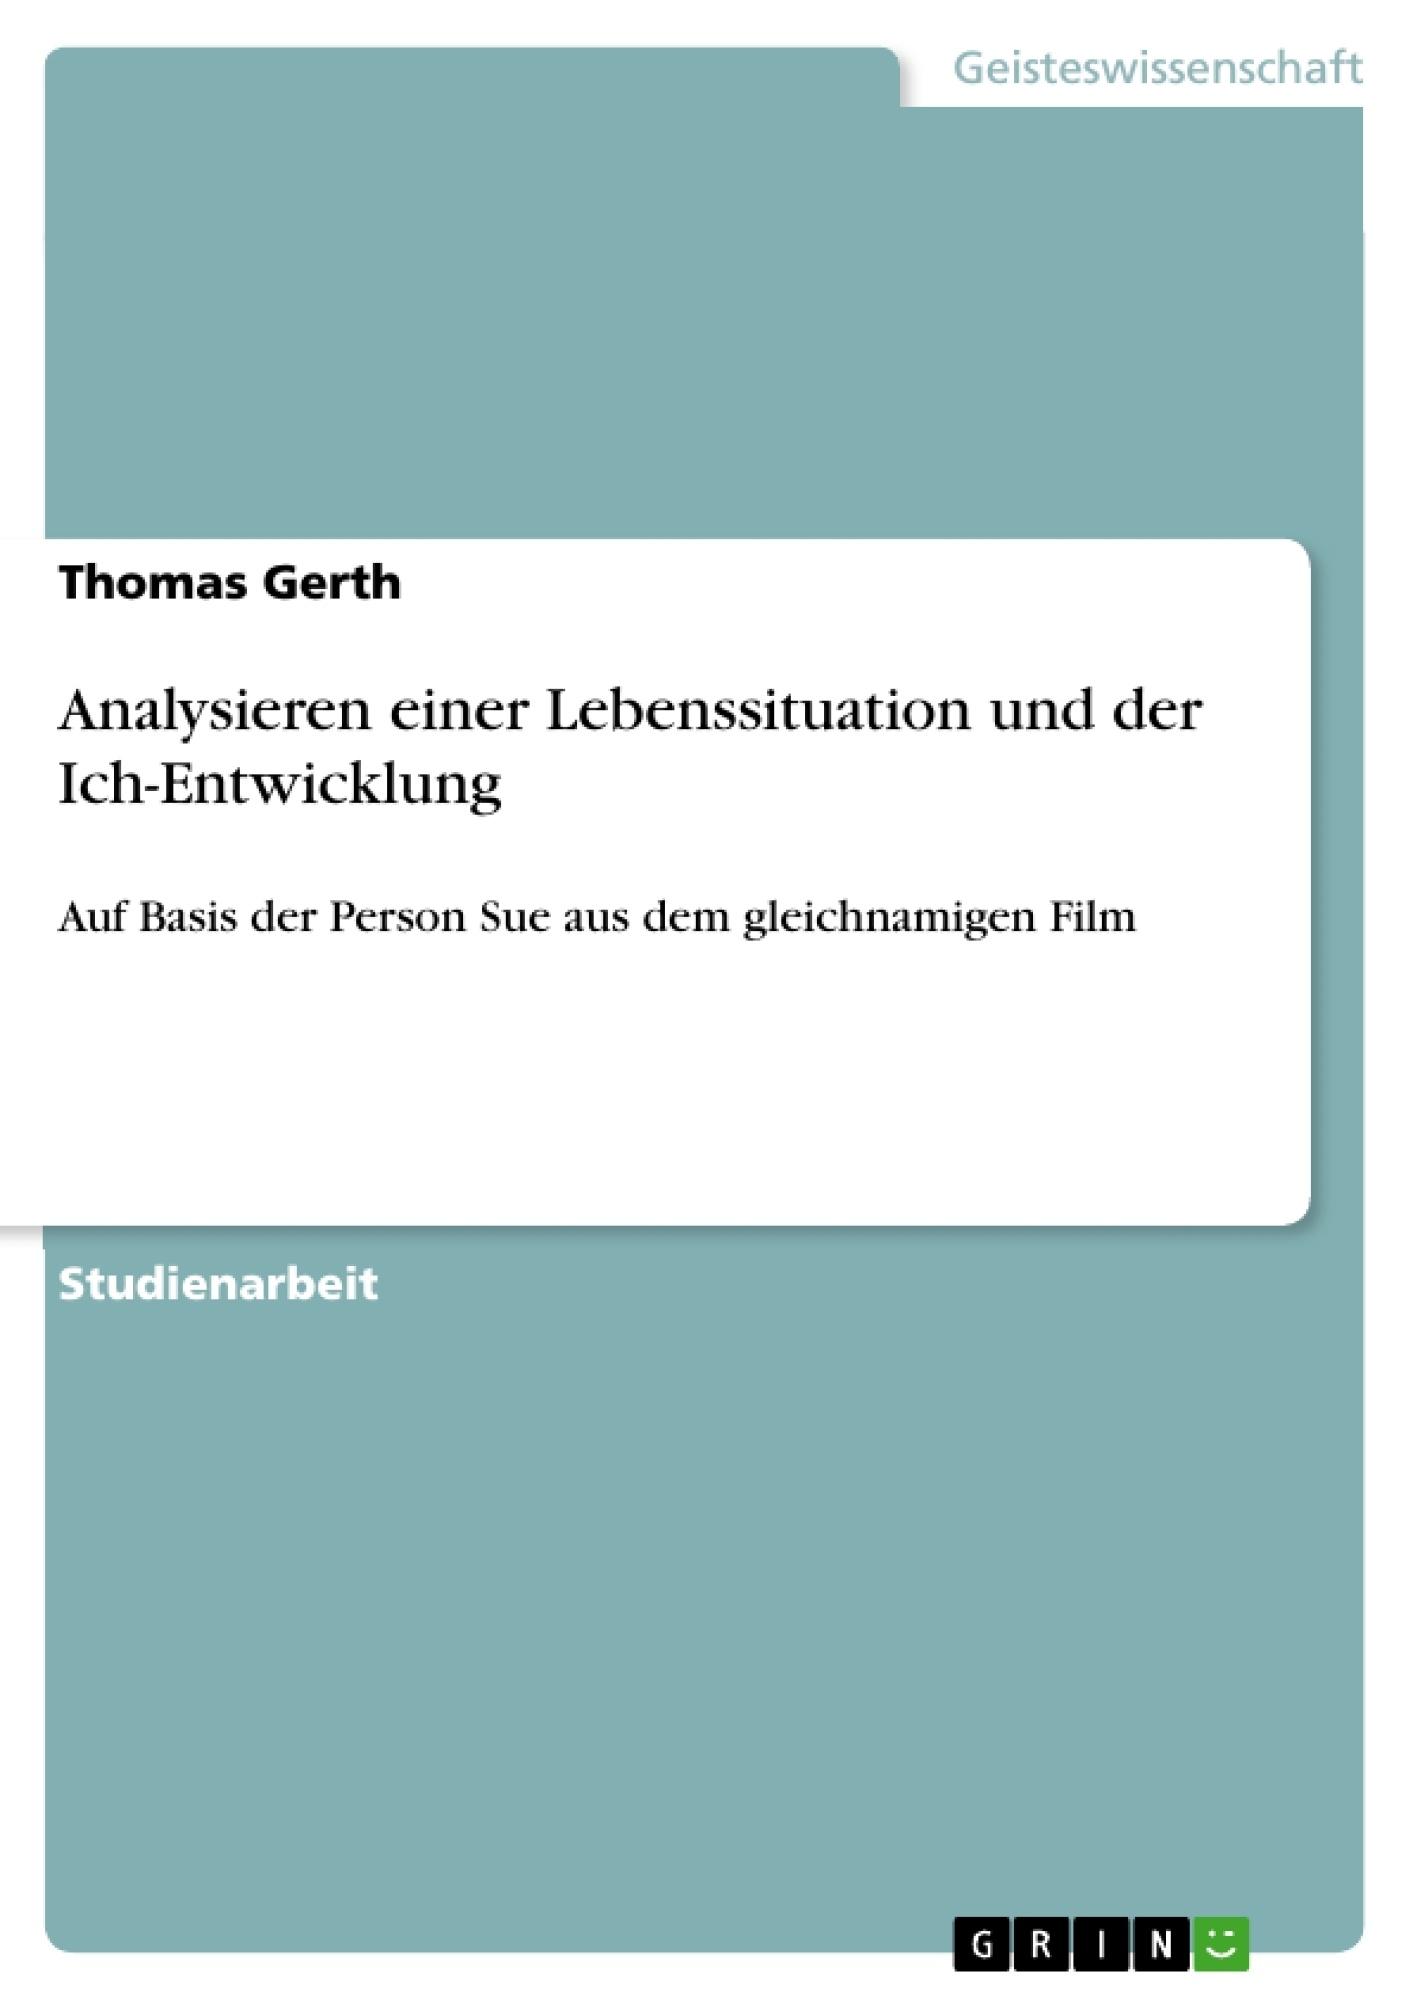 Titel: Analysieren einer Lebenssituation und der Ich-Entwicklung